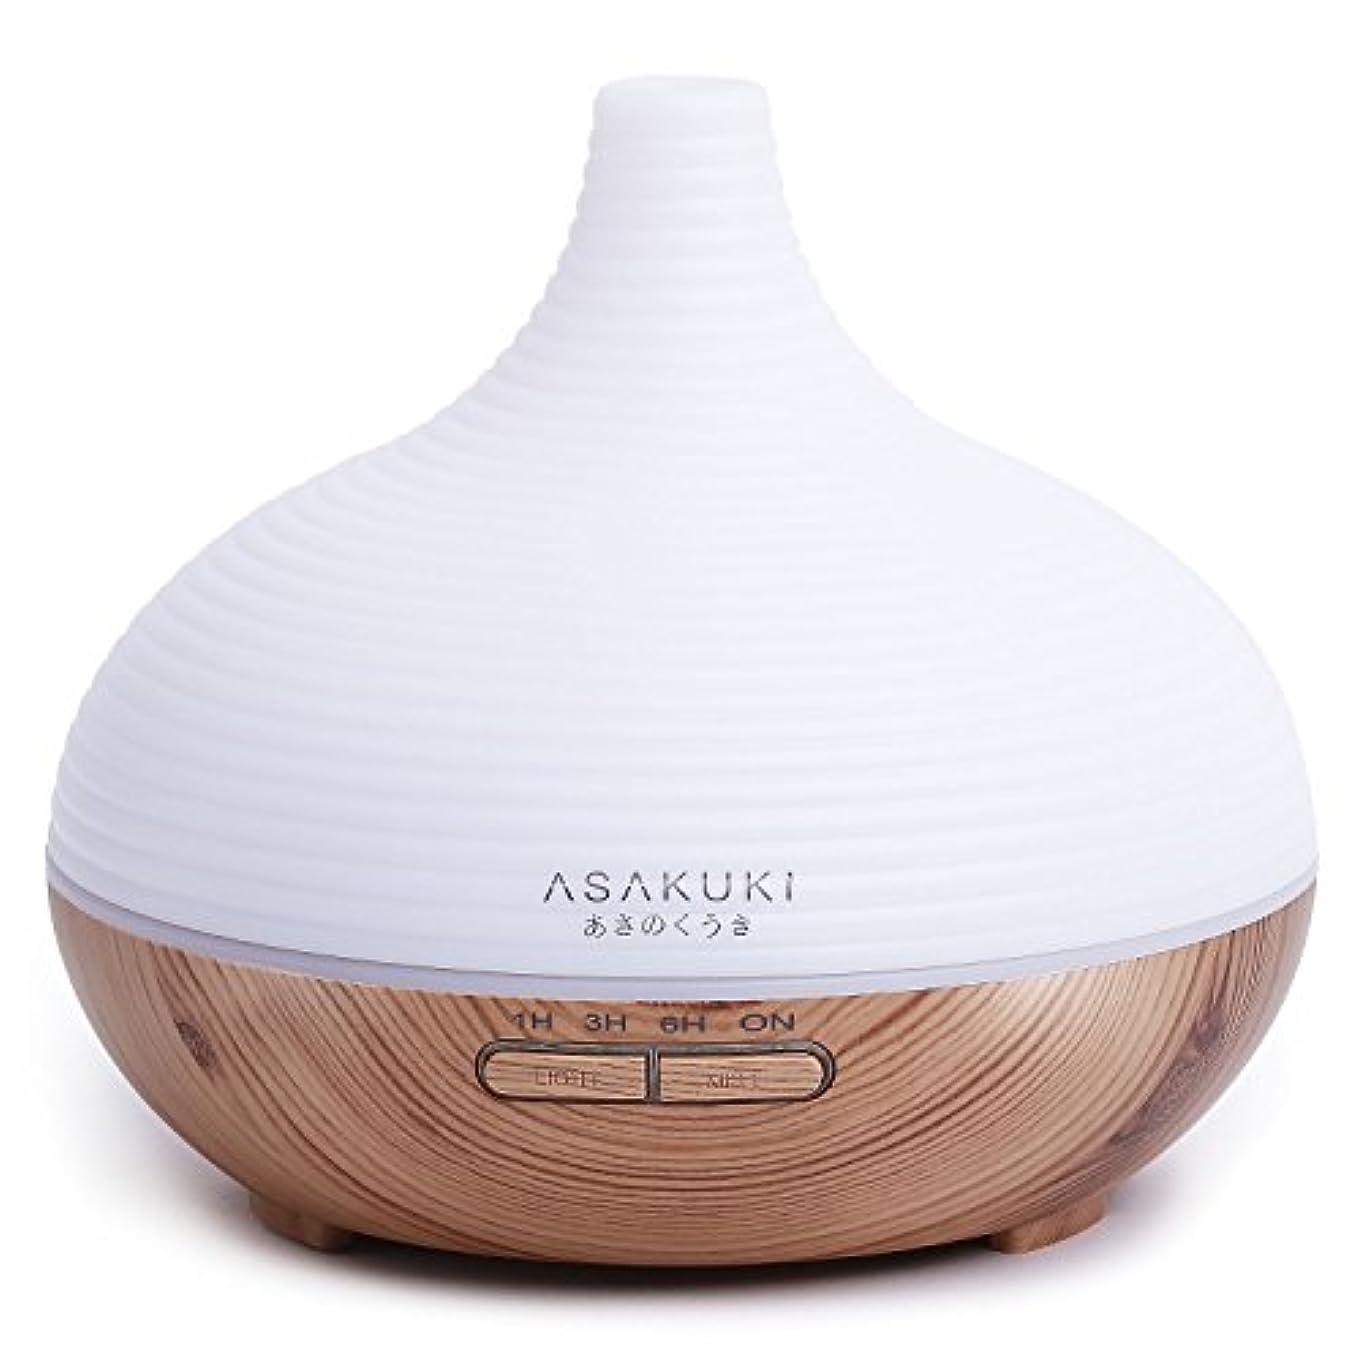 プーノプロット期待するasakuki 300 mlプレミアム、Essential Oil Diffuser、静かな5 - in - 1加湿器、自然Home Fragrance Diffuser with 7 LEDの色変更ライトと簡単にクリーン...